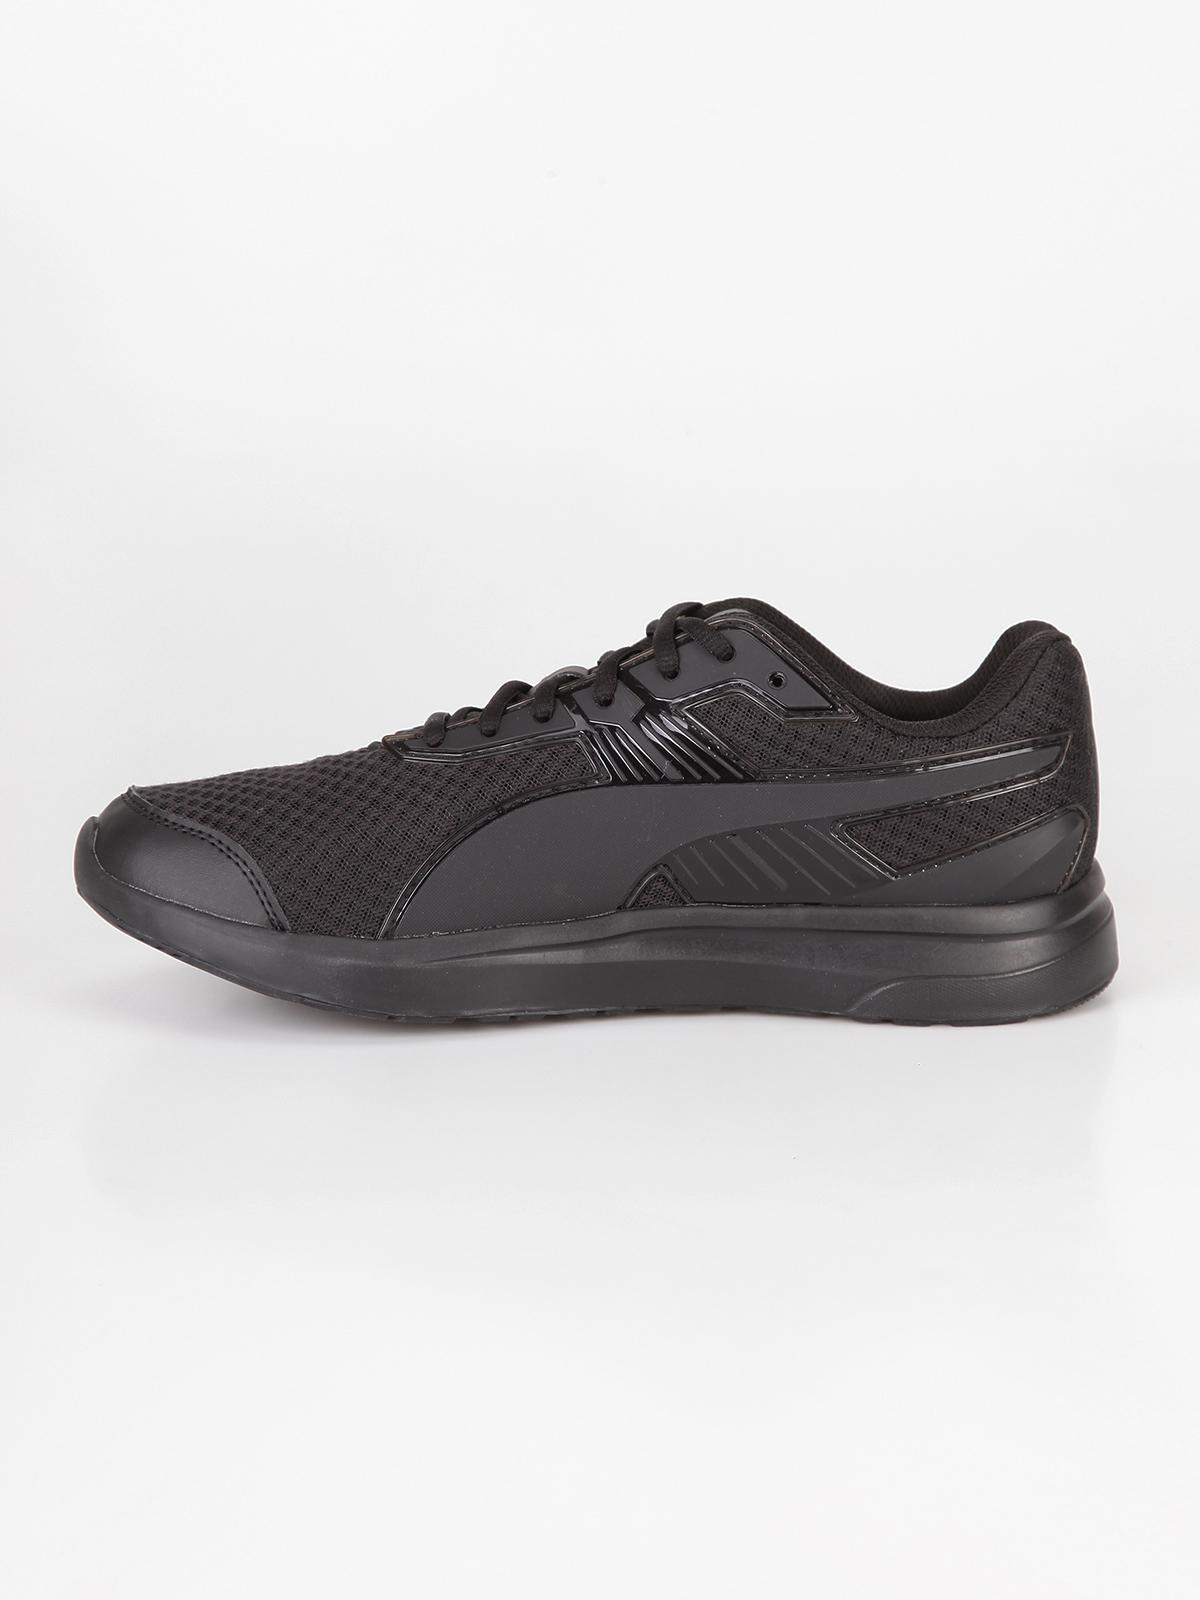 puma tutte nere scarpe donna